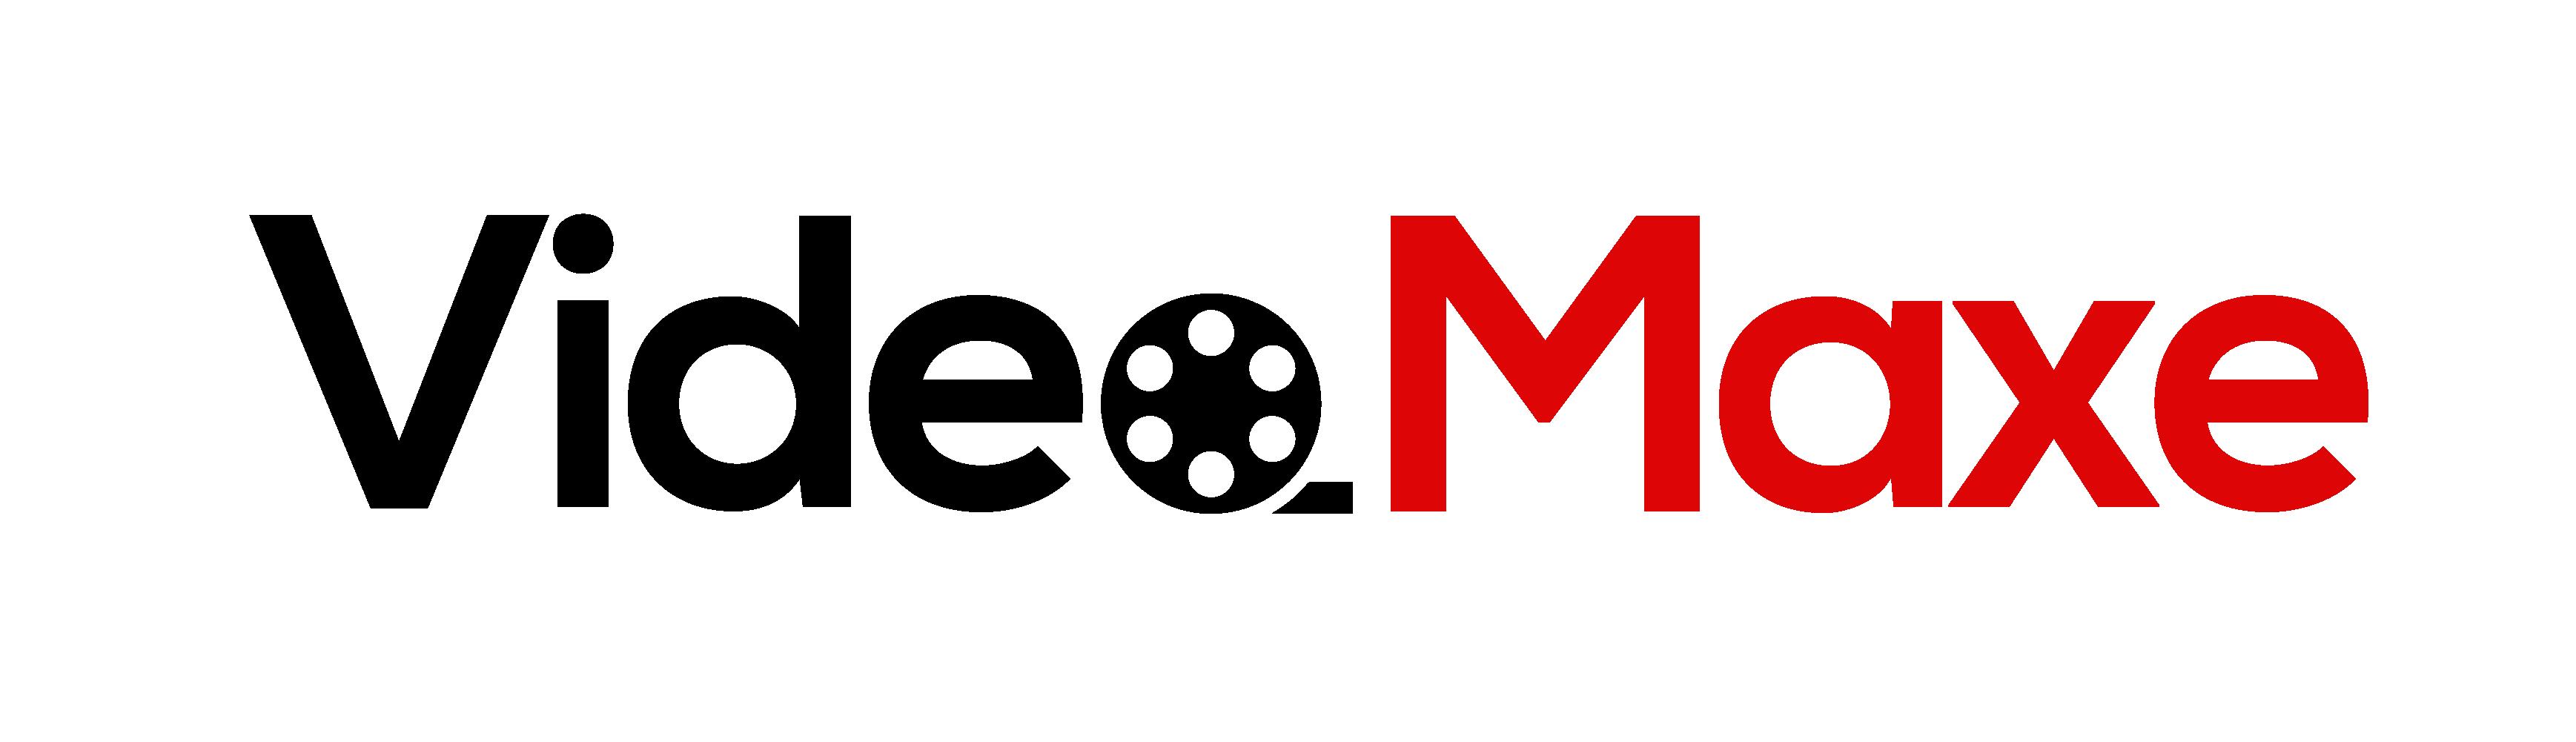 VideoMaxe - Erklärvideos, Logo Animationen